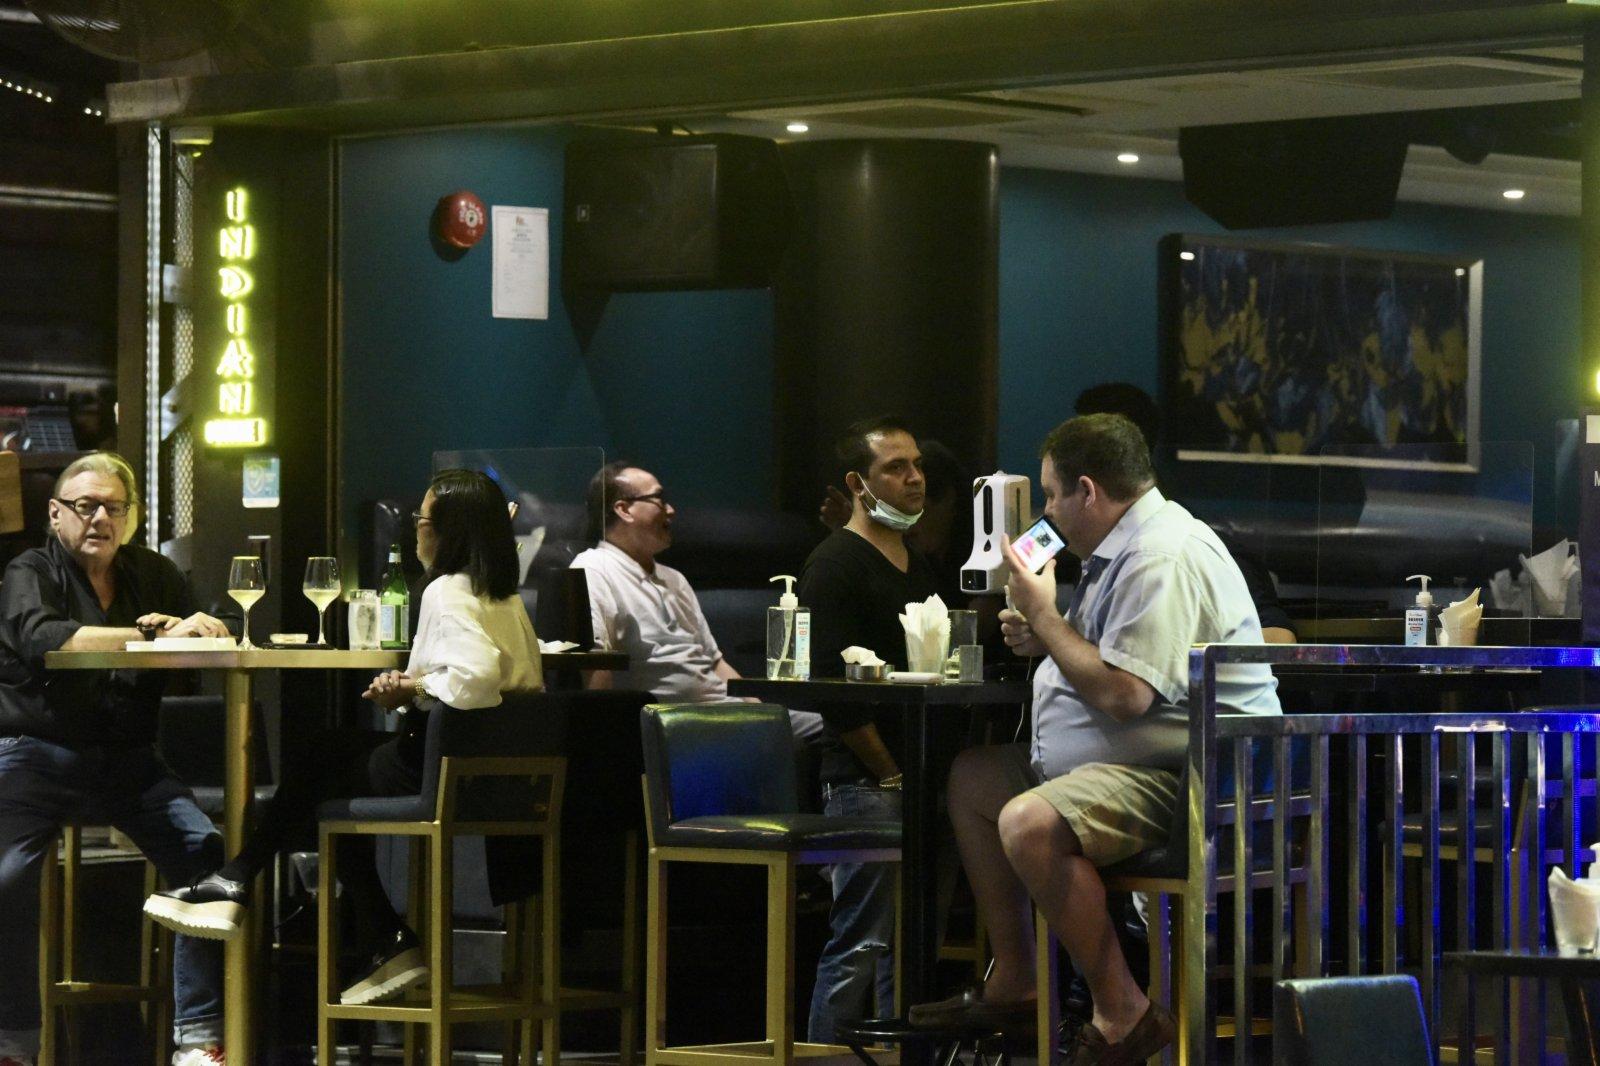 16日起再度收緊社交距離限制措施,酒吧每枱人數上限減至兩人。圖為中環蘭桂坊,市民正在消遣。(中新社)